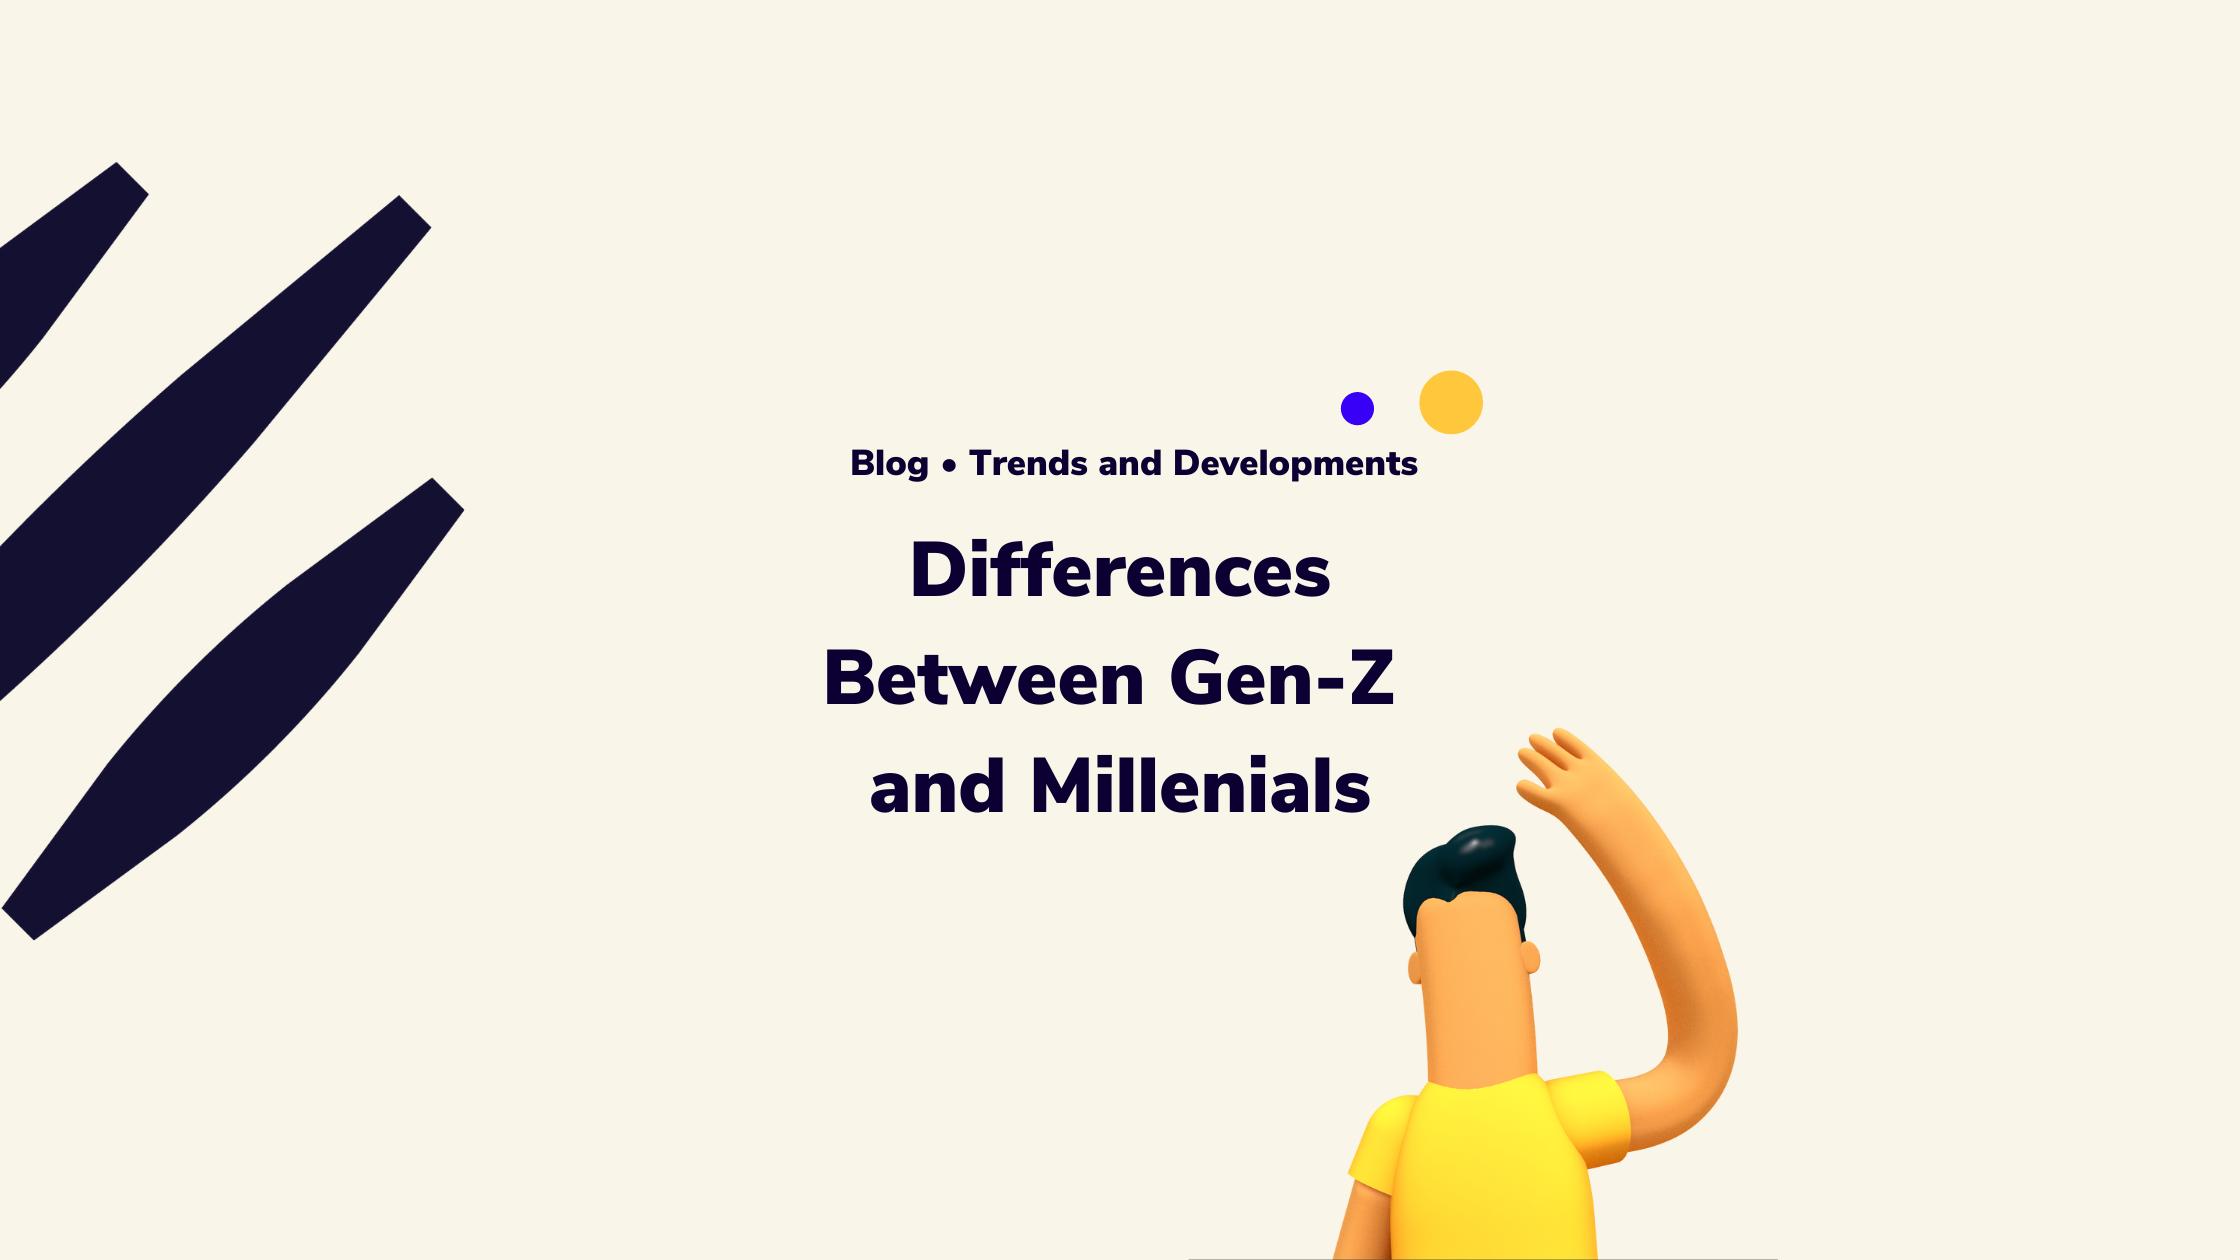 Differences between Gen Z and Millennials